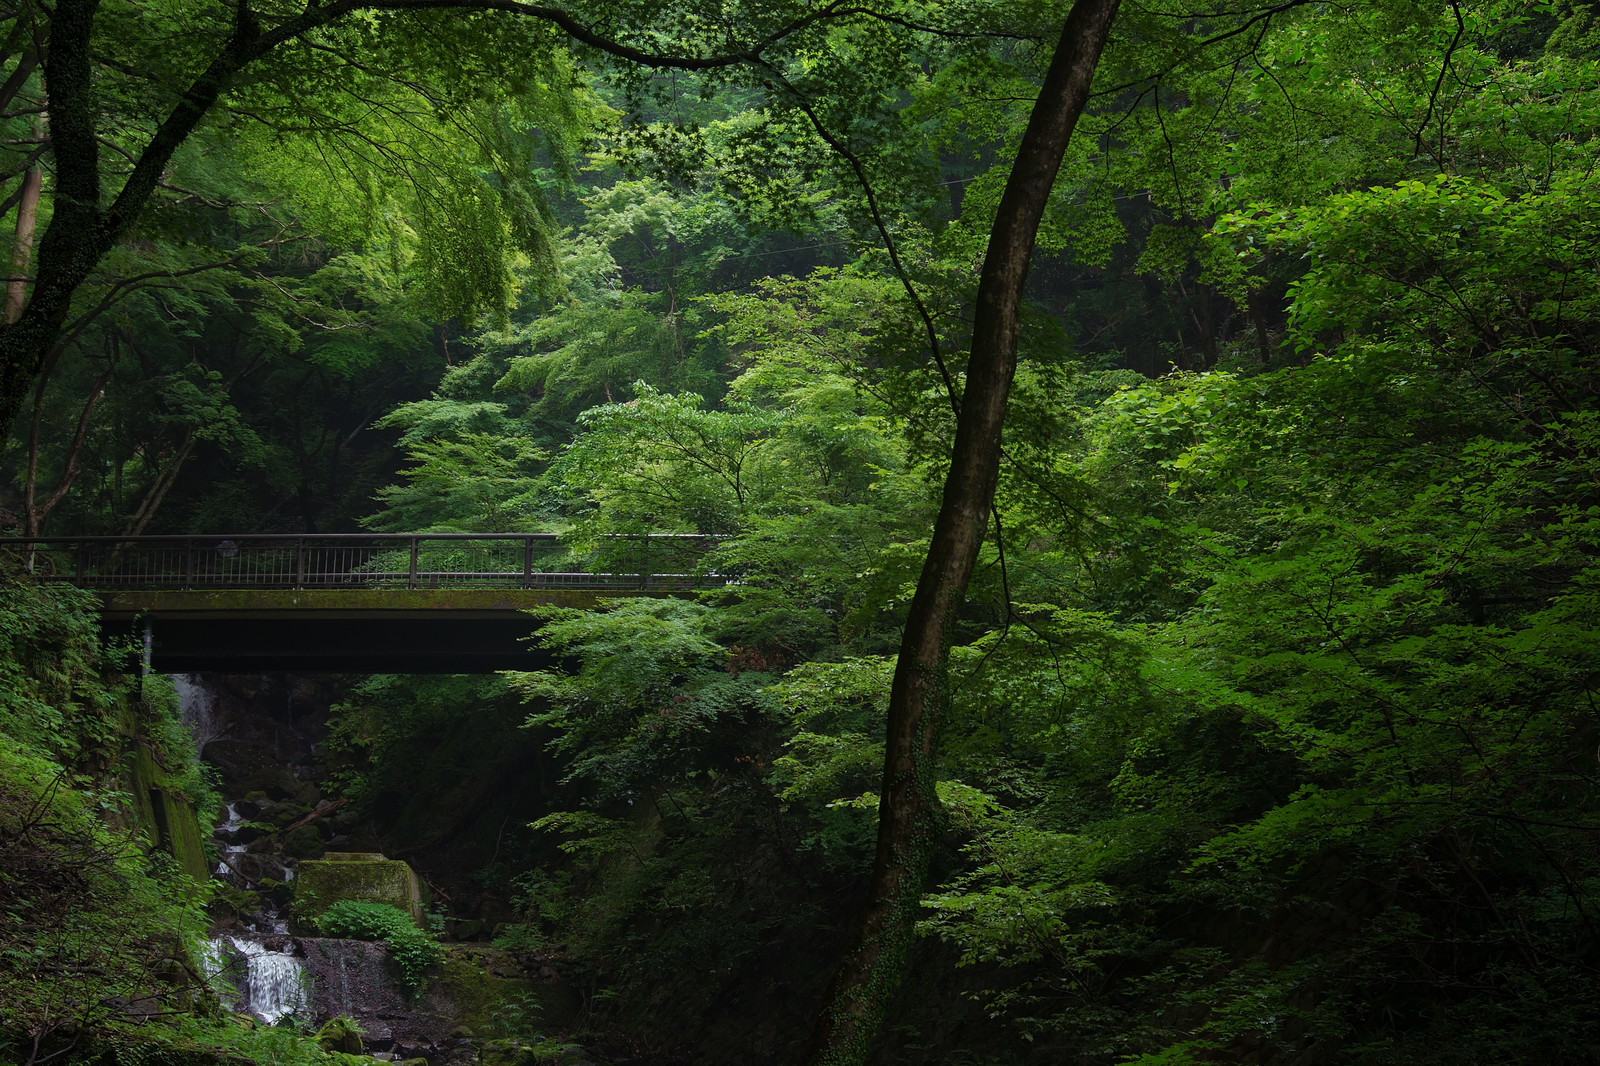 「新緑の中に浮かぶ苔むした橋」の写真